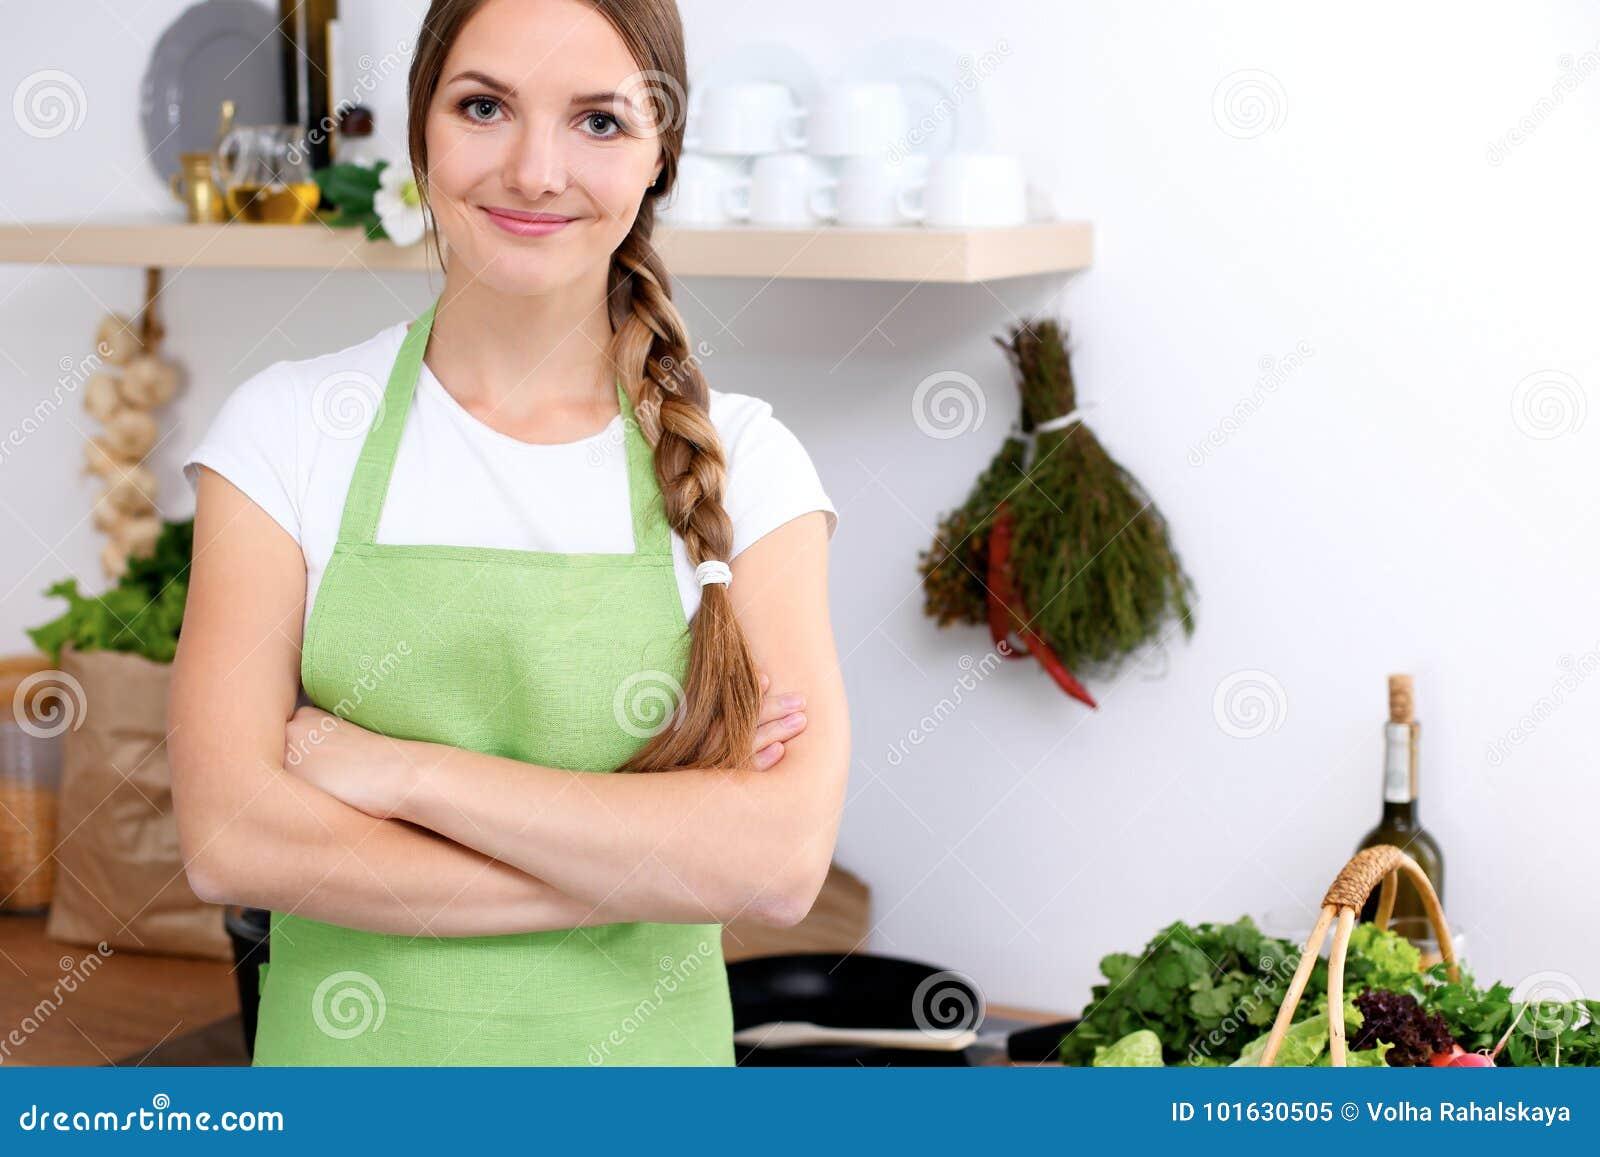 La mujer joven en delantal verde va para cocinar en una cocina El ama de casa está probando la sopa al lado de la cuchara de made